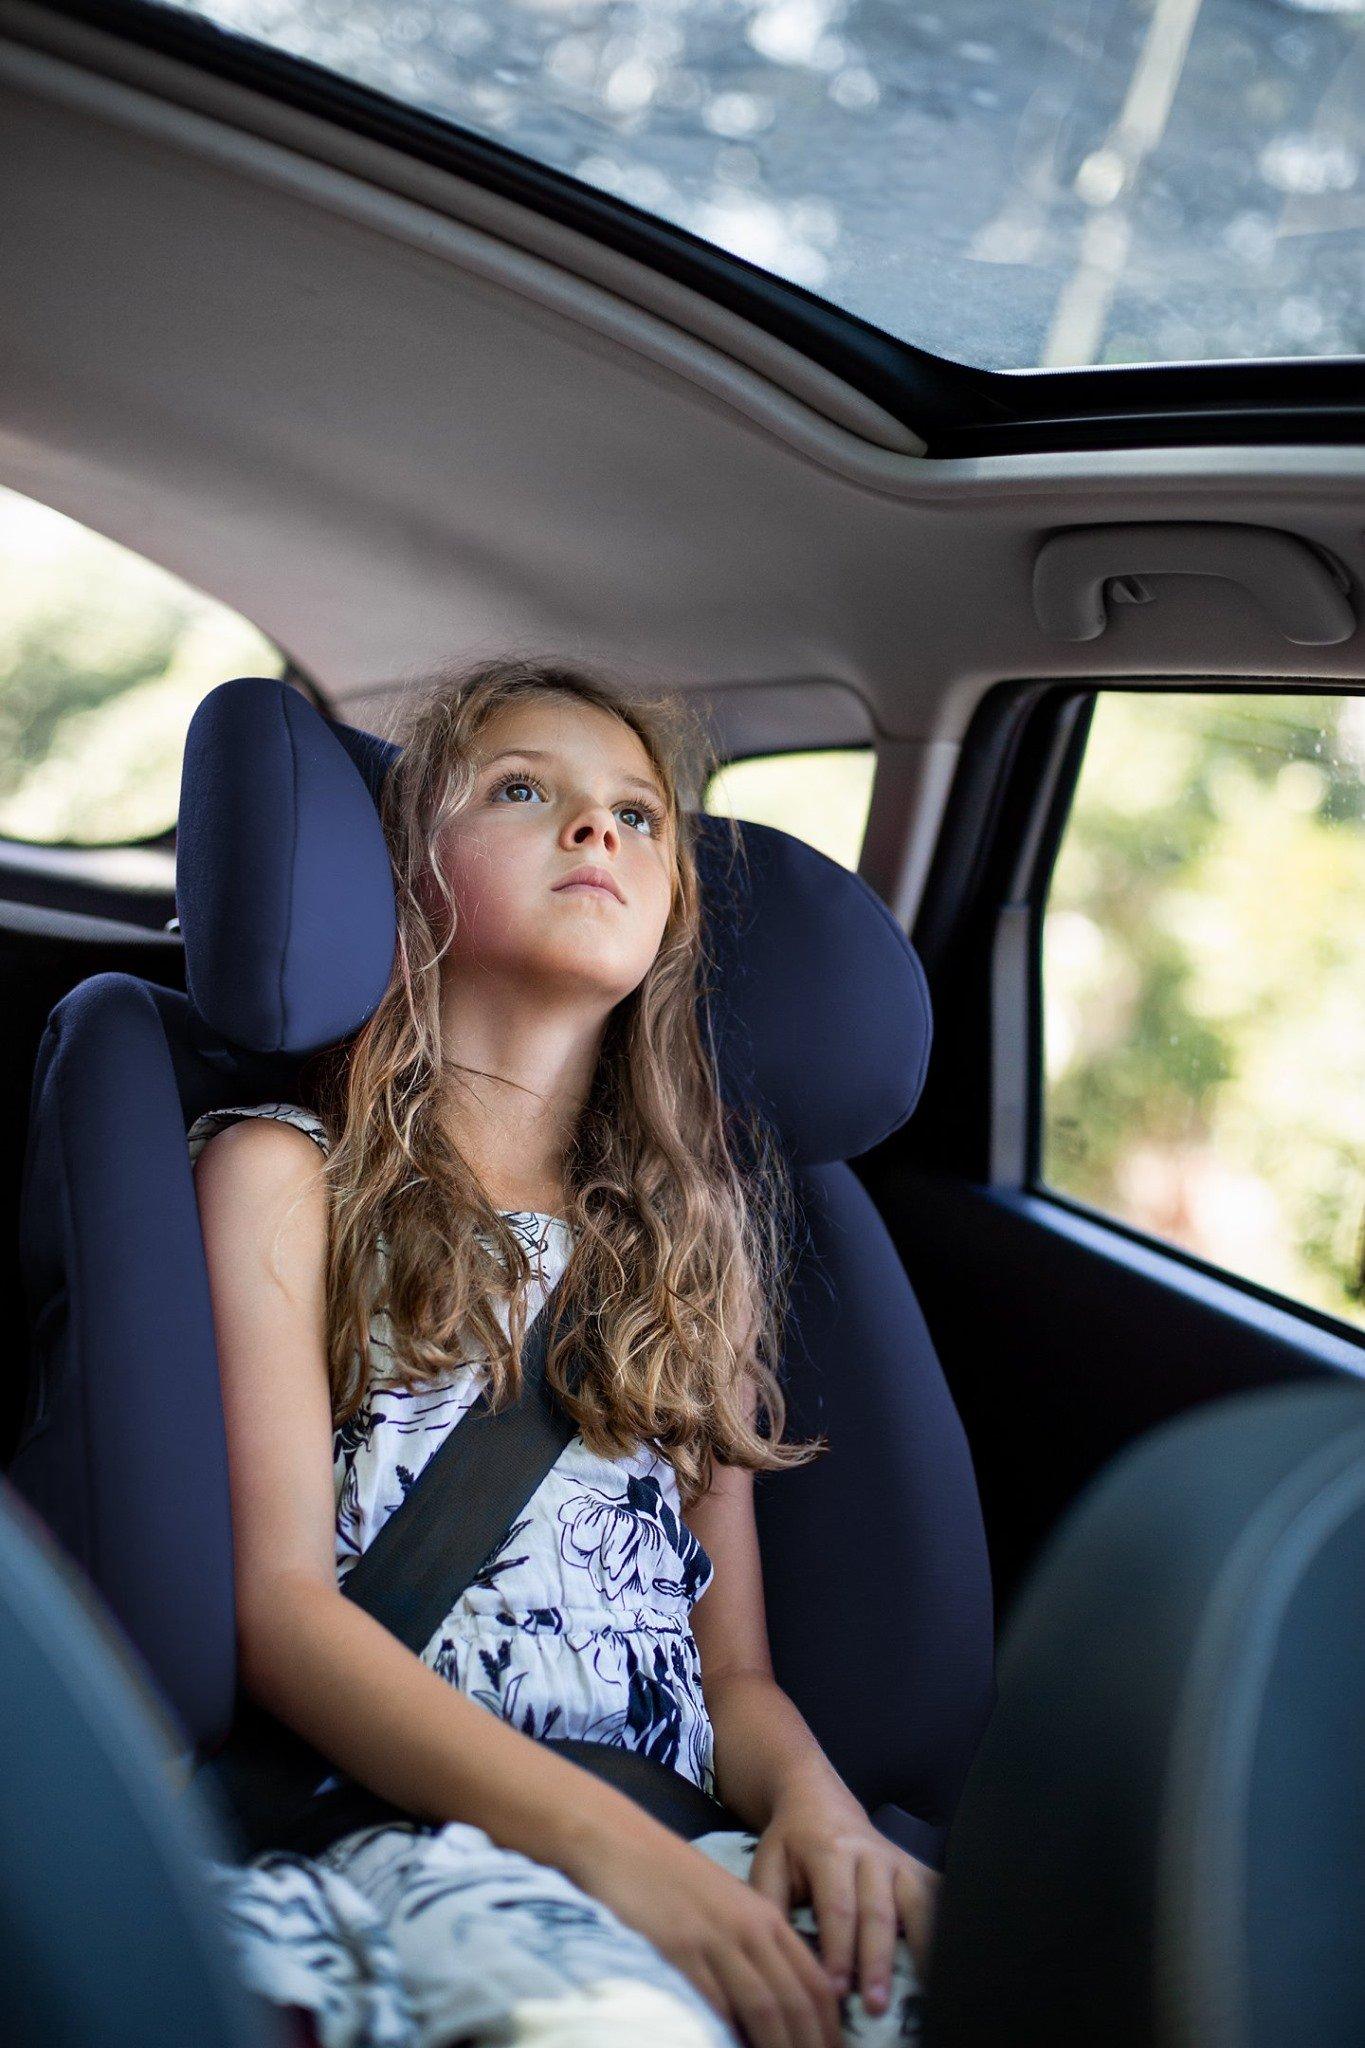 Dziewczynka w sukience siedzi w foteliku samochodowym